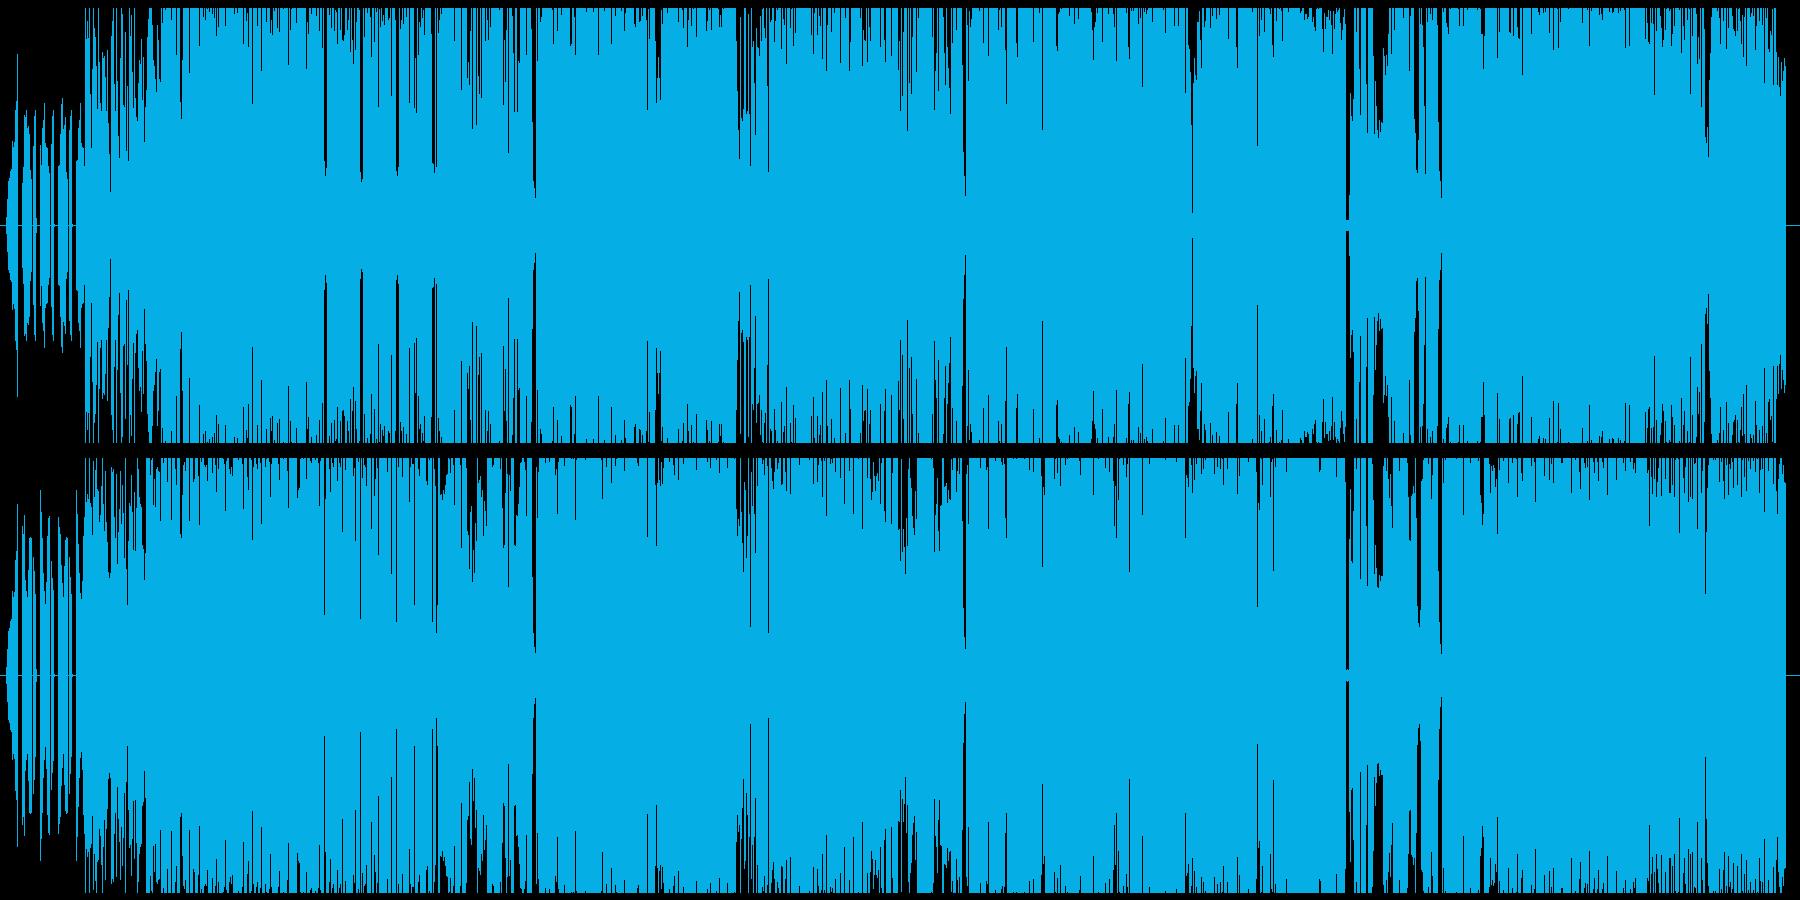 和系デジタルテクノロック 勝負のシーンの再生済みの波形